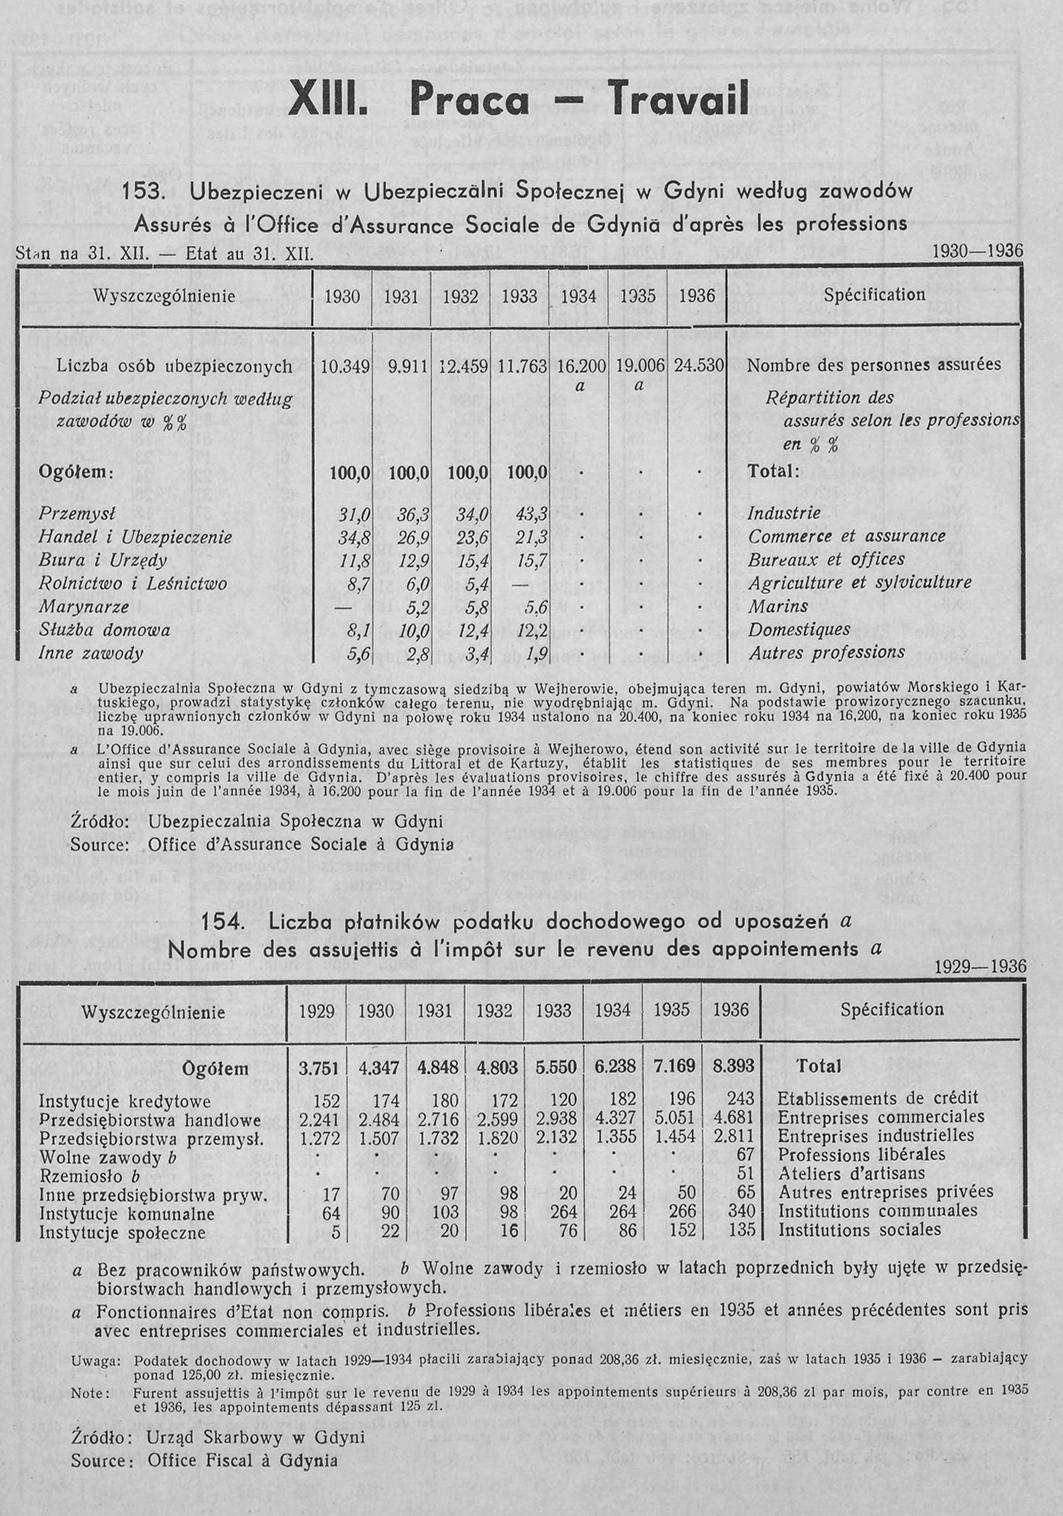 PRACA, [W:] ROCZNIK STATYSTYCZNY GDYNI, REDAKCJA BOLESŁAW POLKOWSKI KIEROWNIK BIURA STATYSTYCZNEGO, GDYNIA 1937